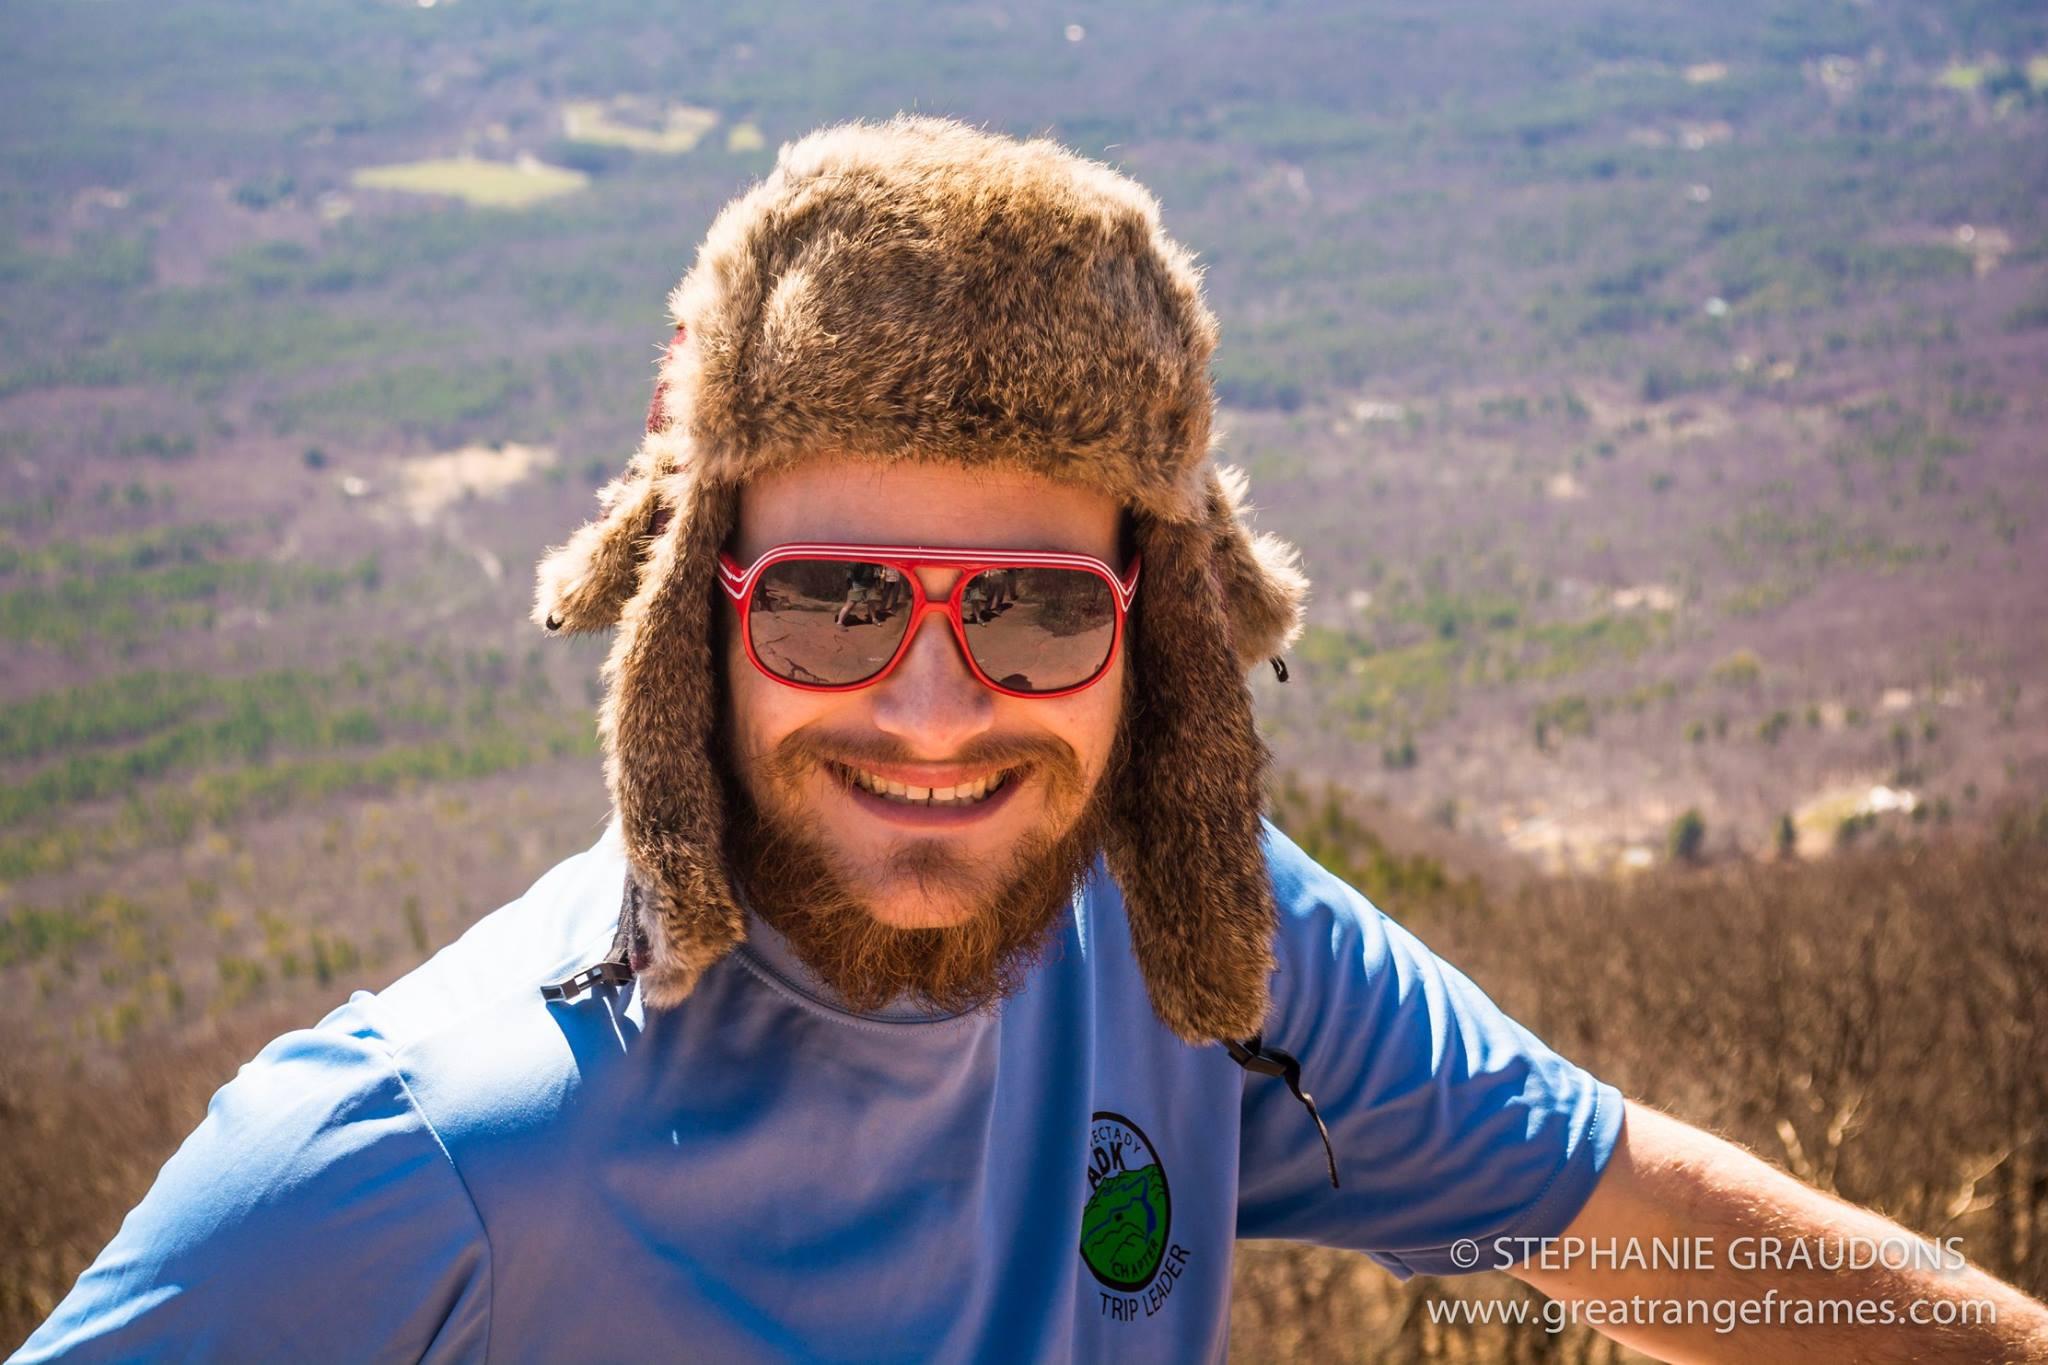 Dustin smiles on an overlook